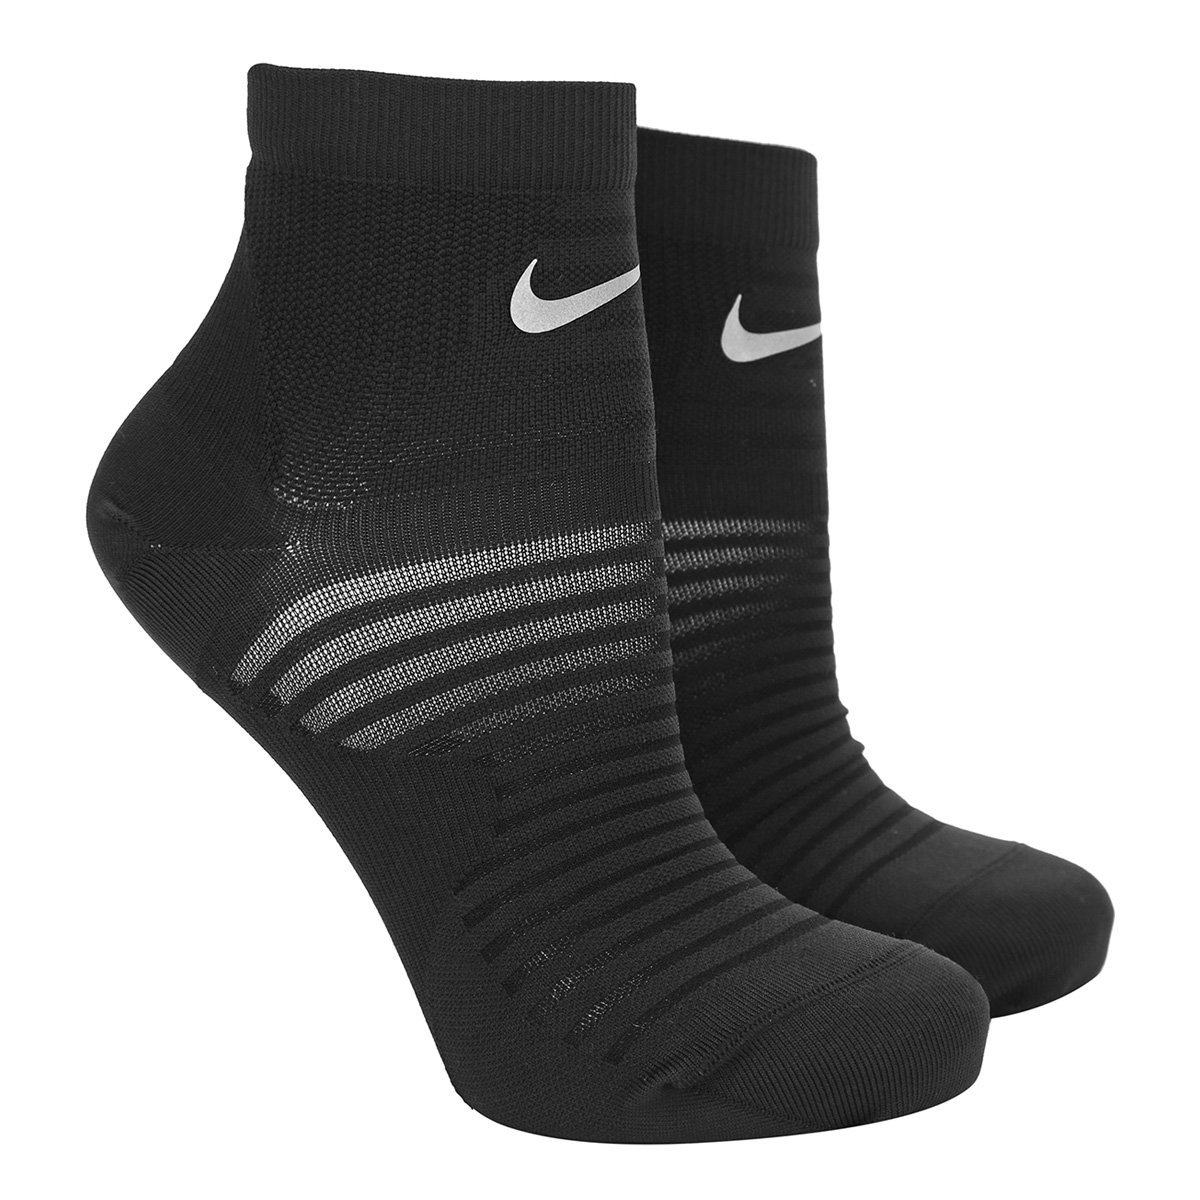 Meia Nike Cano Médio Spark Ankle